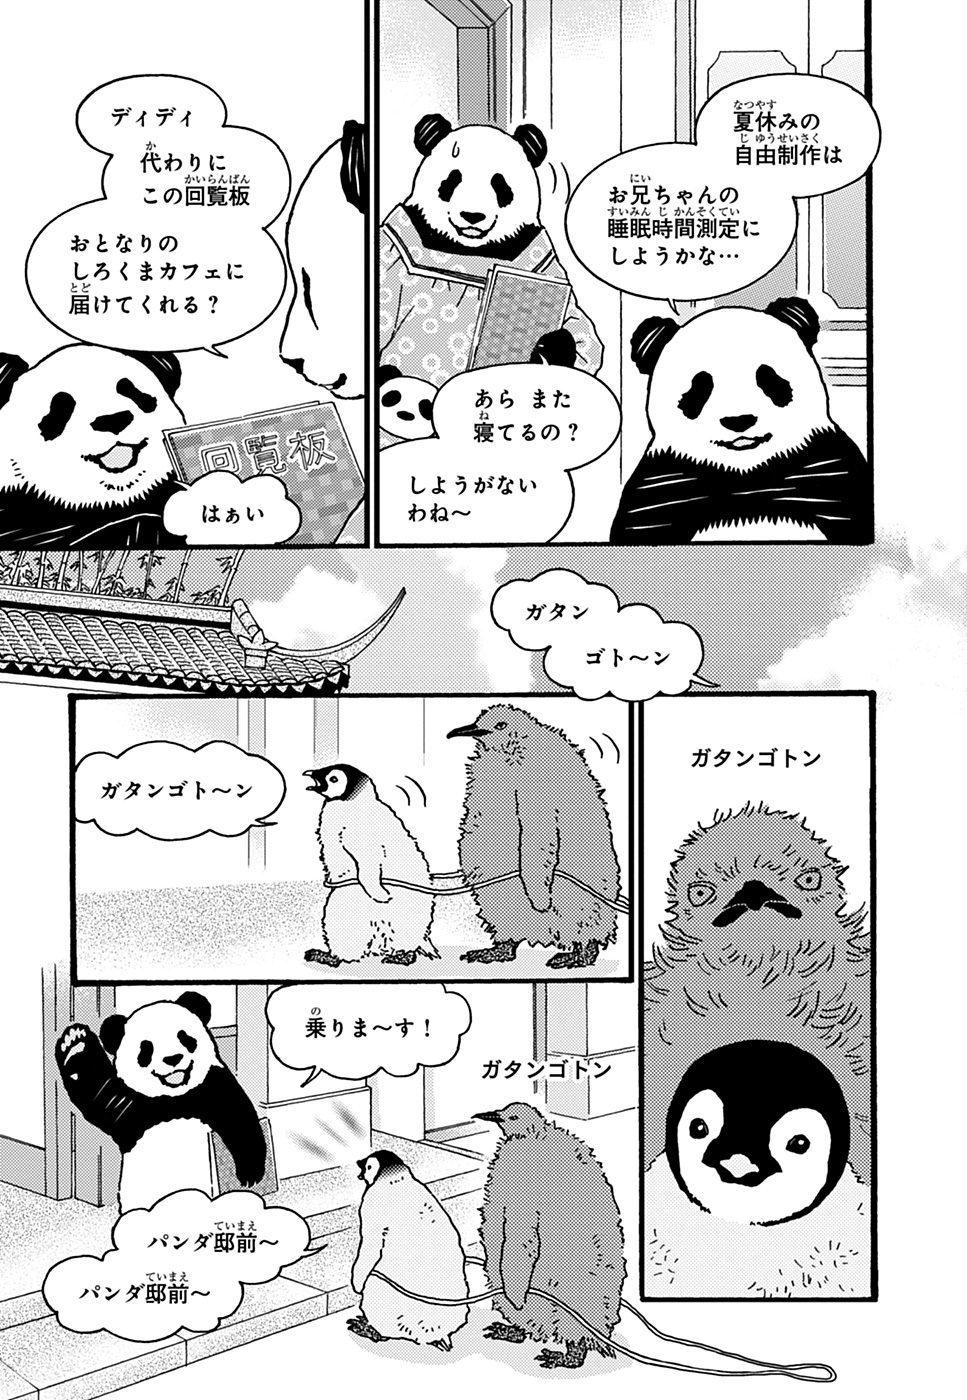 しろくまカフェ today's special 漫画試し読み3